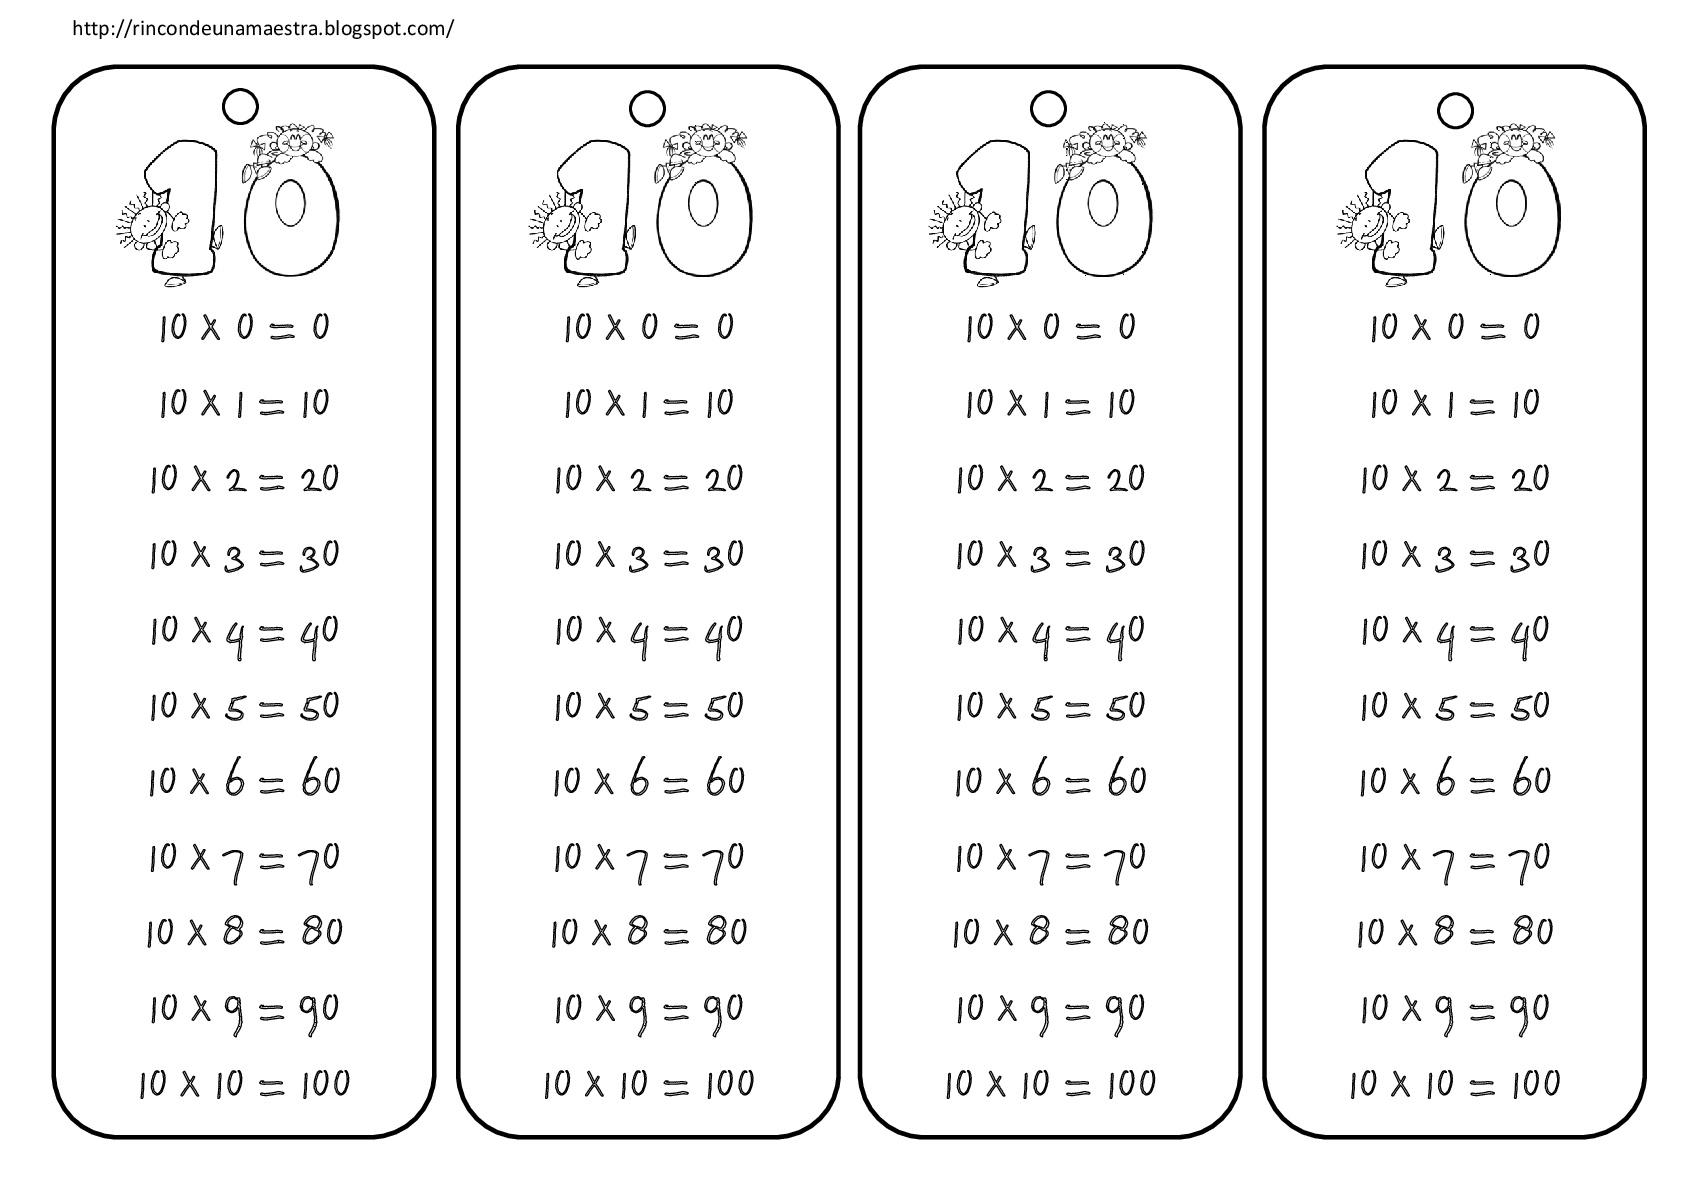 Super llavero cuaderno de las tablas de multiplicar -Orientacion Andujar